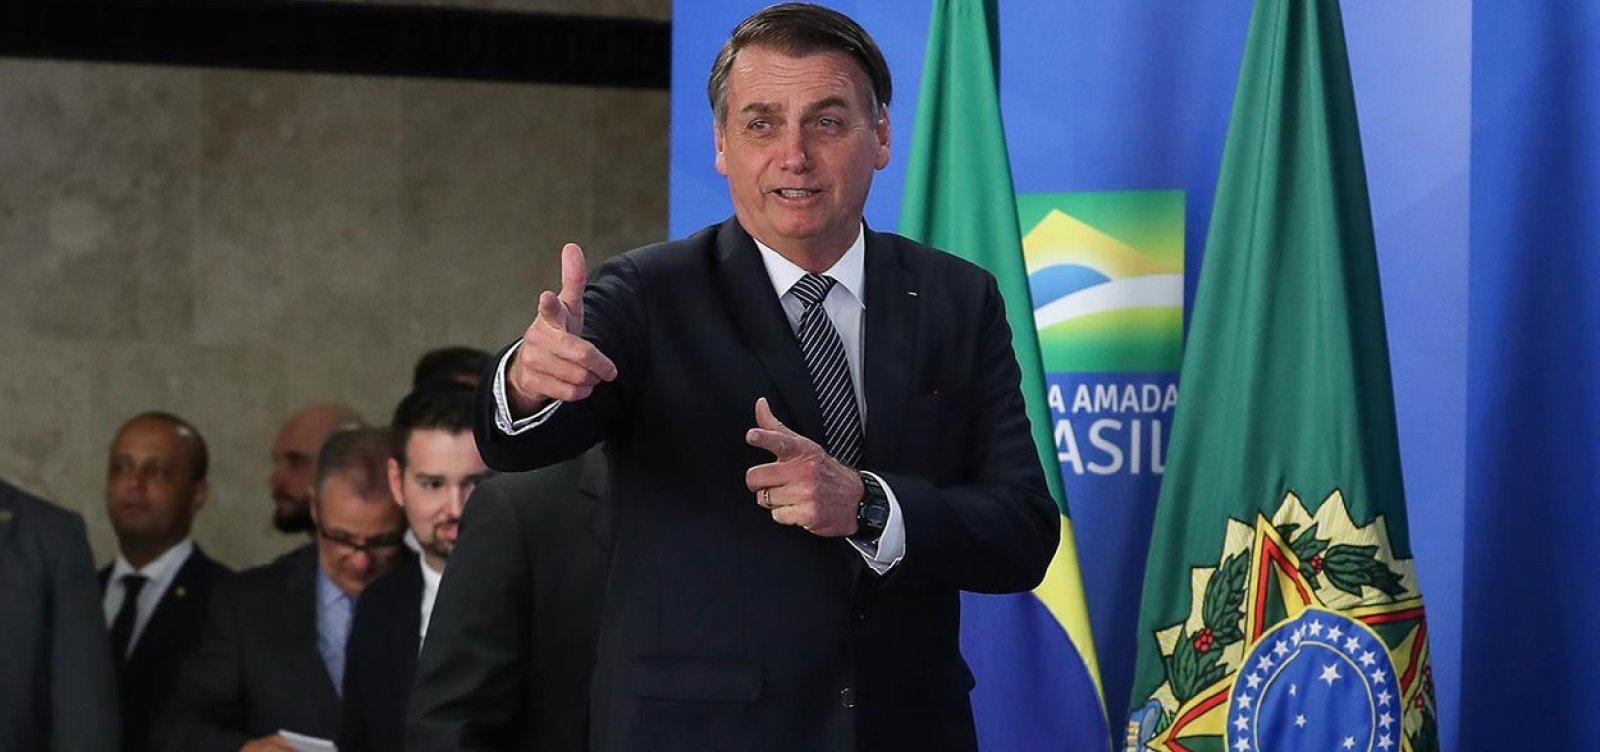 Em meio a polêmica, município na Itália concede cidadania honorária a Bolsonaro